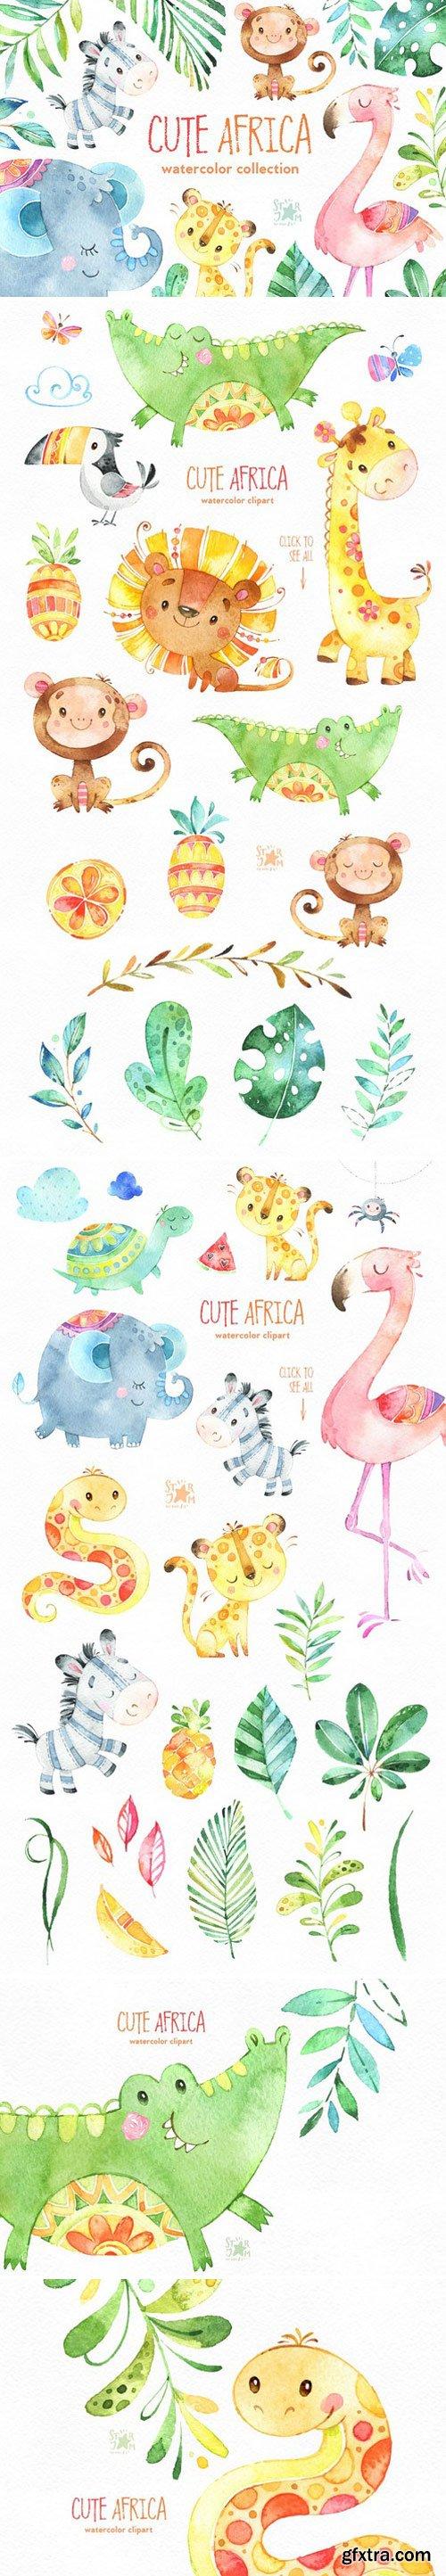 CM - Cute Africa. Animals & Florals. 1597665